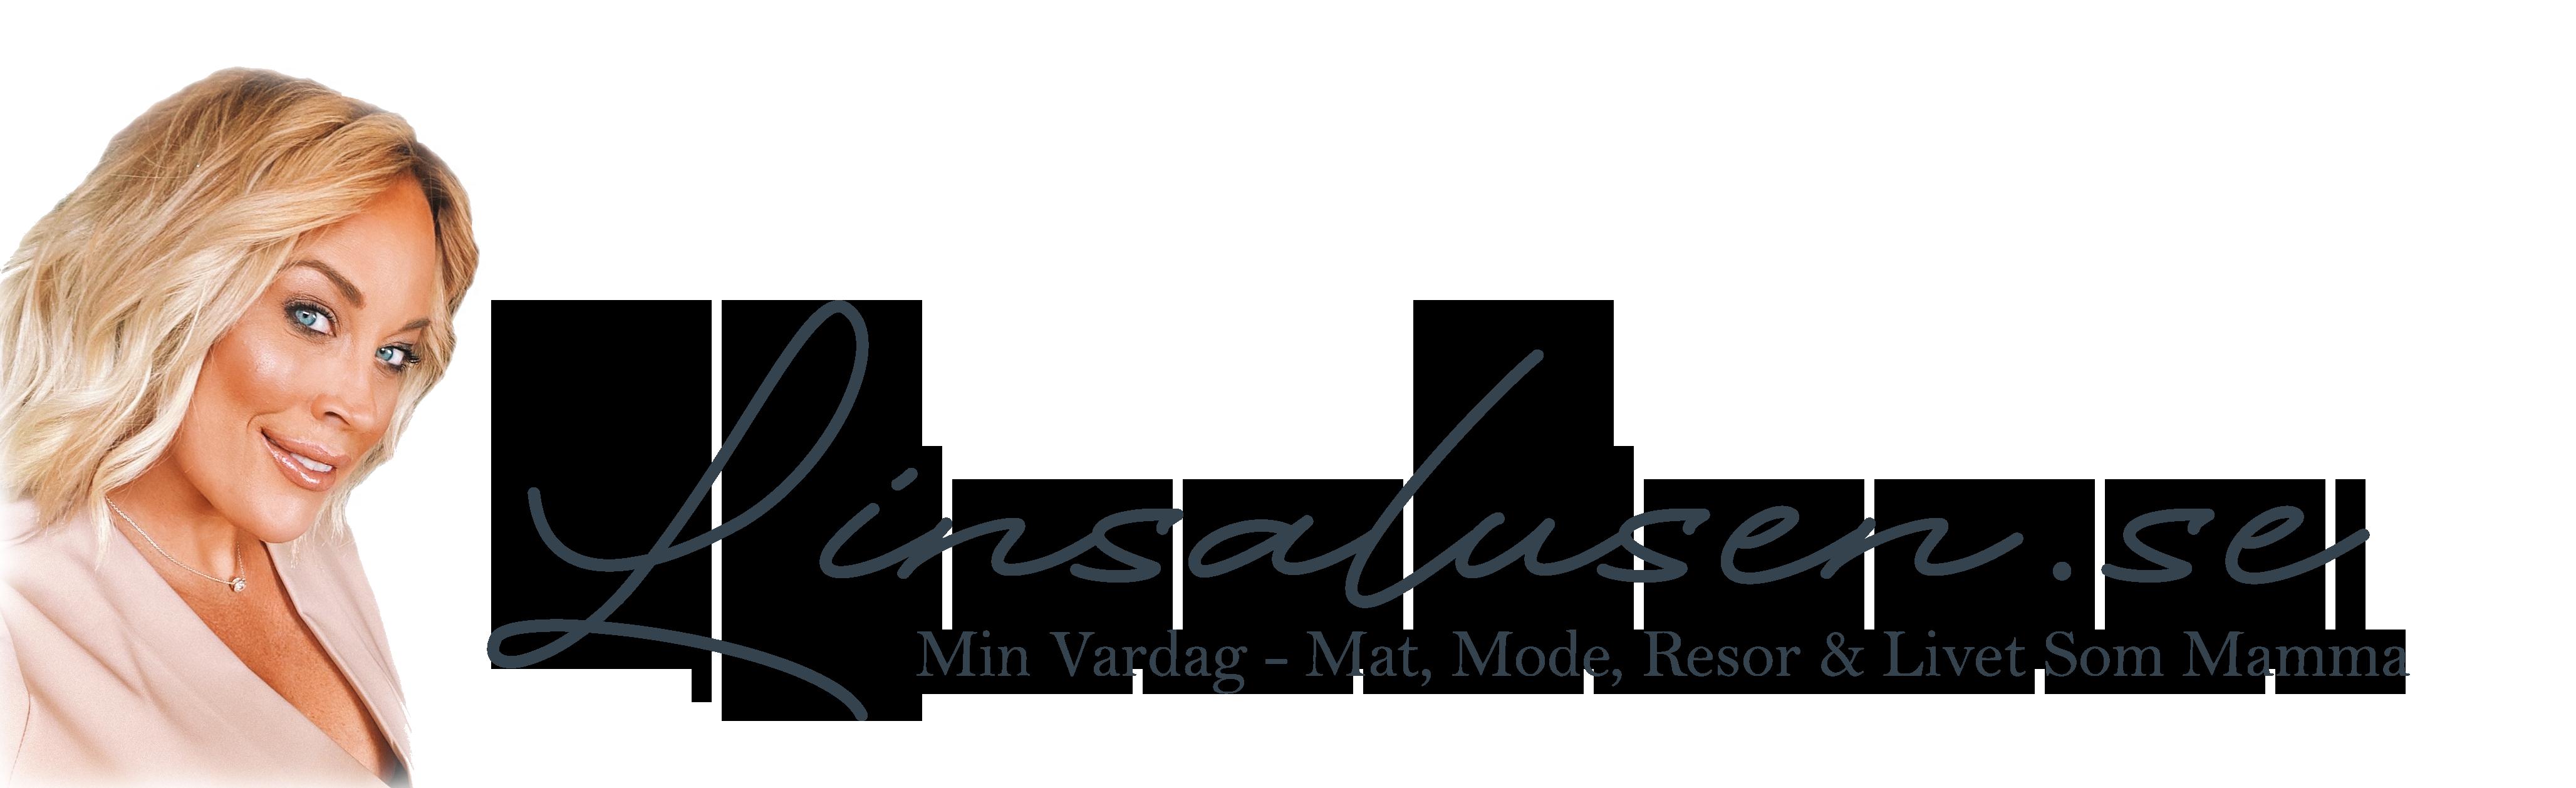 Linsalusen